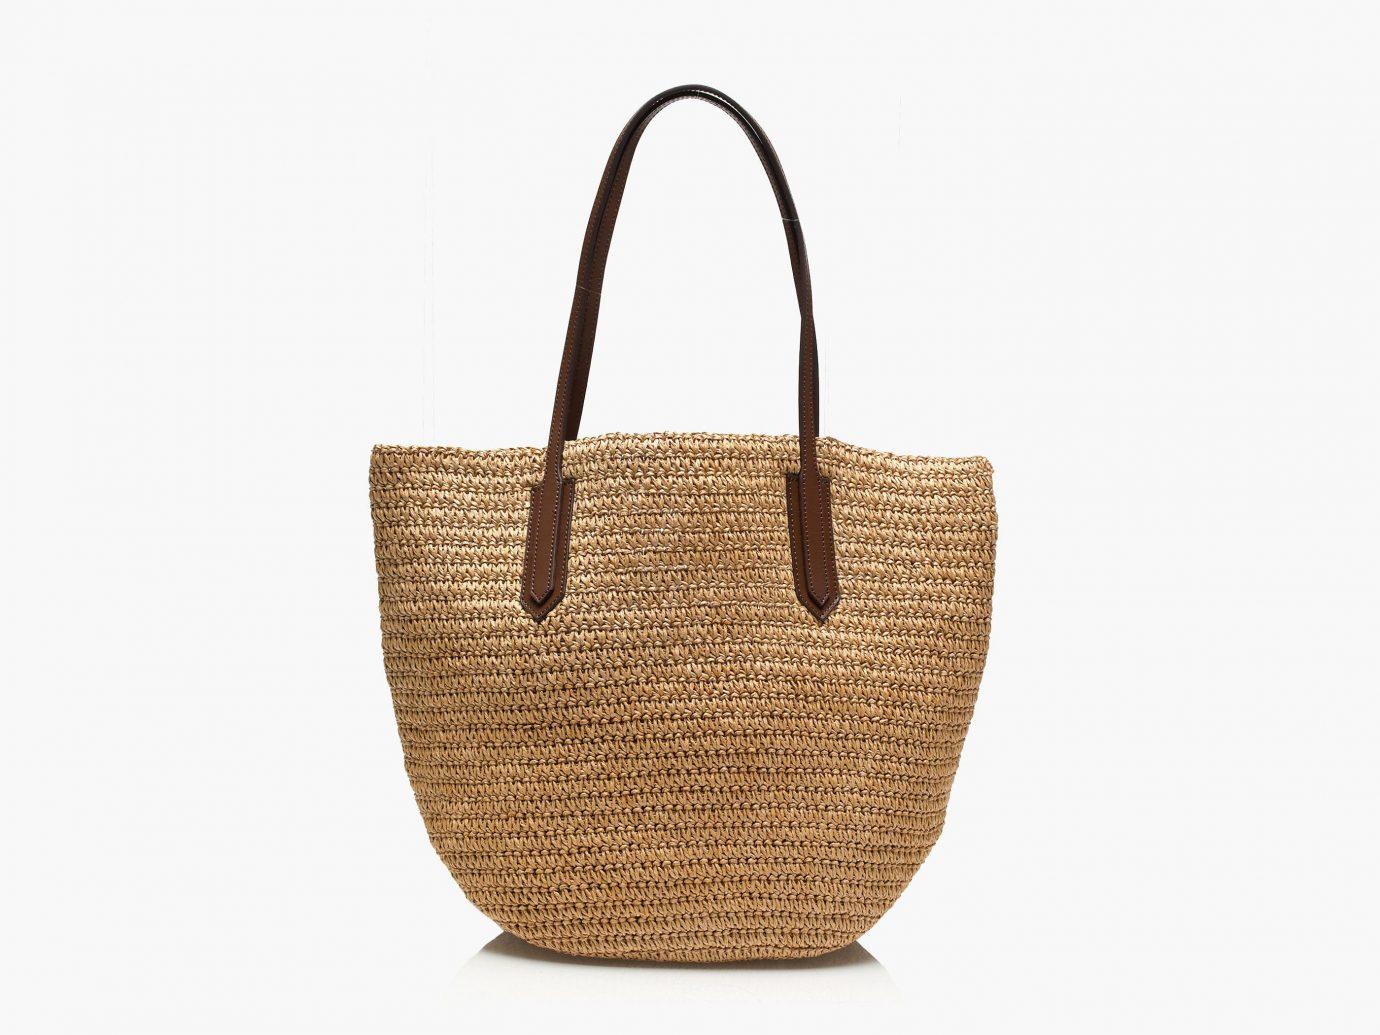 Style + Design handbag basket bag container brown fashion accessory shoulder bag tote bag beige straw pattern leather